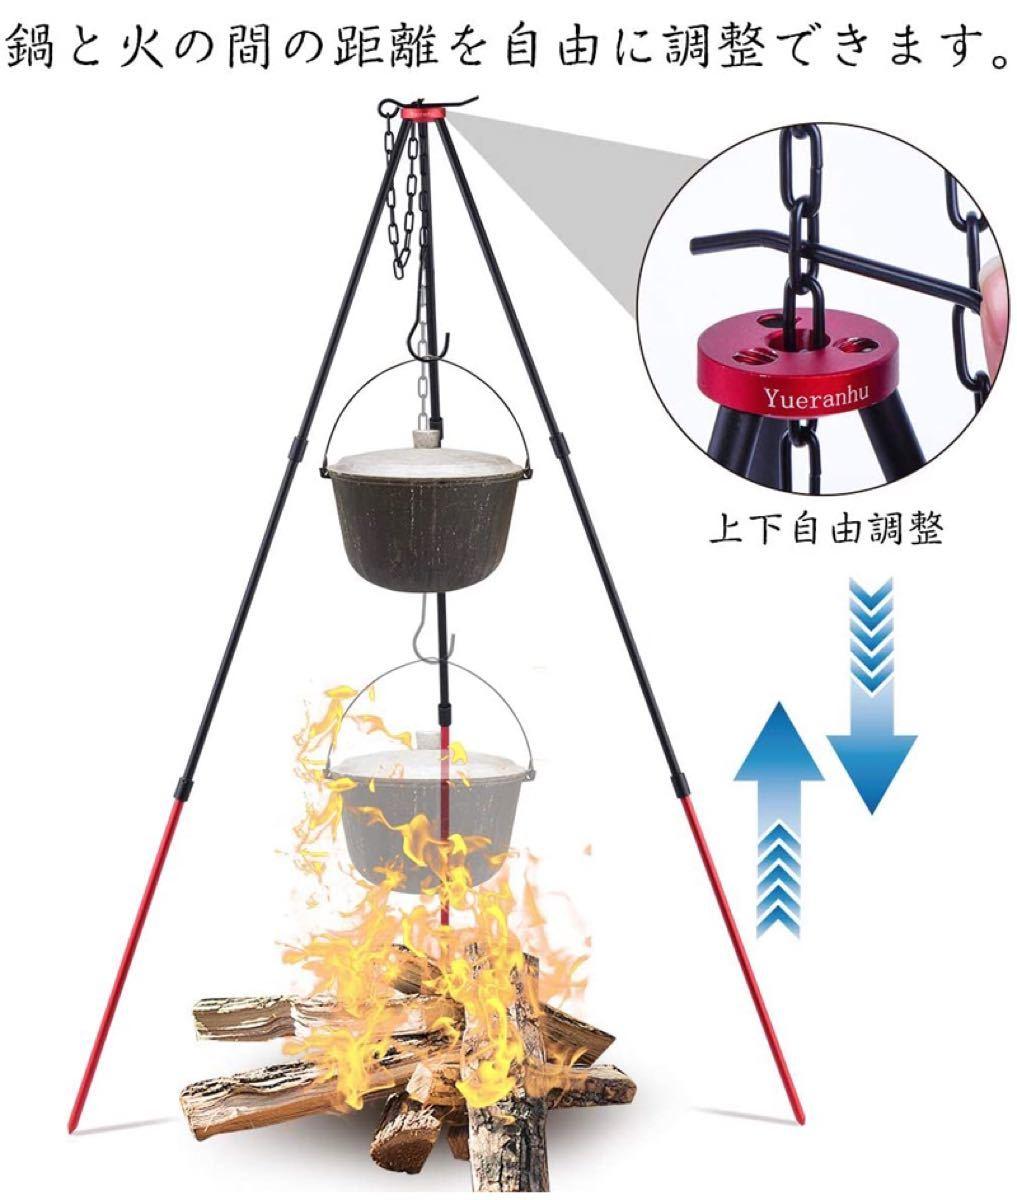 トライポッド キャンプ用 焚き火 三脚 アルミ合金製